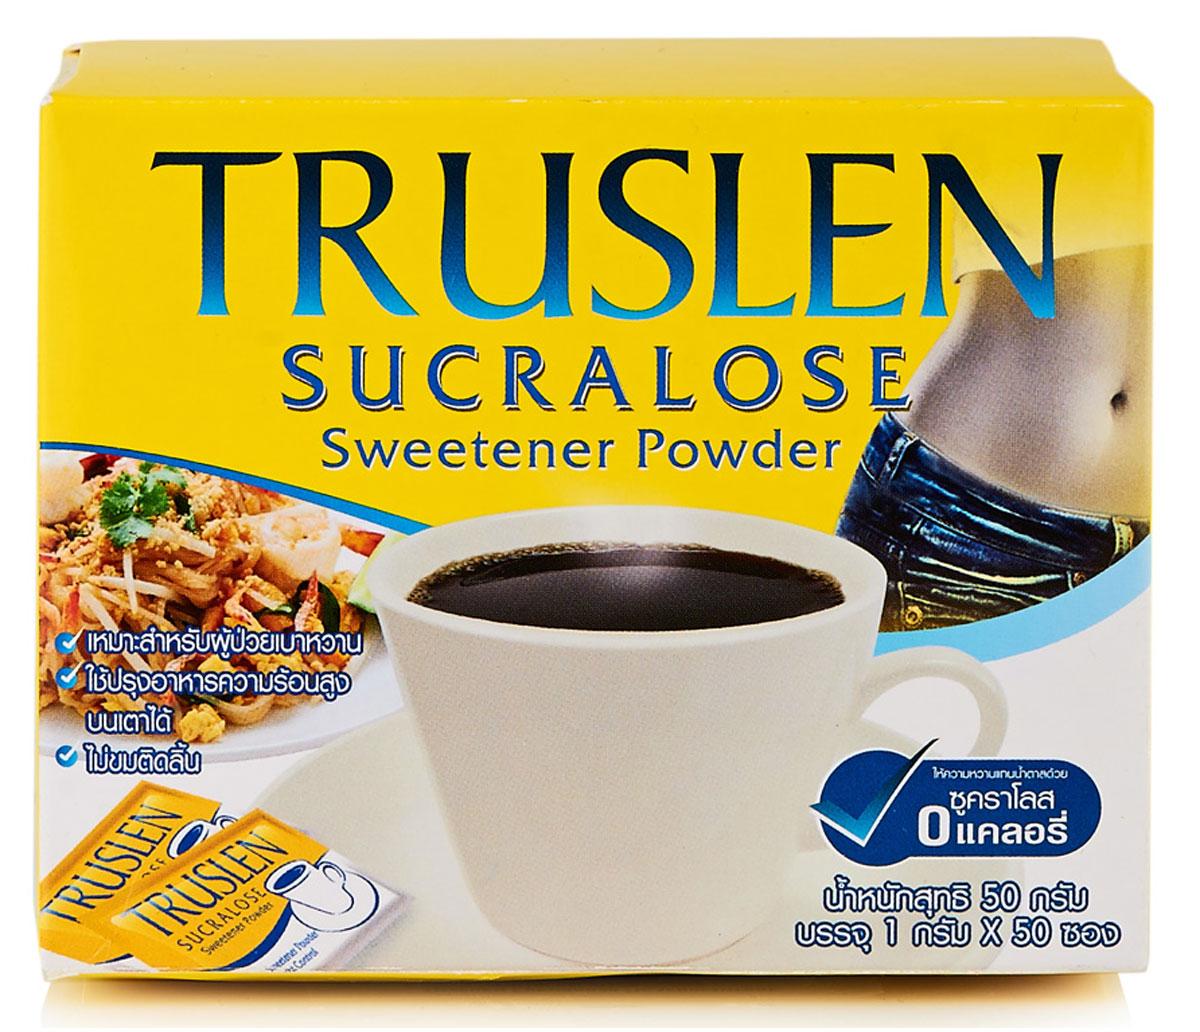 Truslen Sucralose подсластитель, 50 г0174Сахарозаменитель Truslen Sucralose, не содержащий калорий, может быть использован с напитками, а также в кулинарии, в том числе при приготовлении горячих блюд, поскольку не имеет горьковатого привкуса. Допустим для людей, поддерживающих диету или имеющих проблему повышенного уровня сахара в крови. Продукт готов к употреблению.Растворите содержимое пакетика для подслащивания по вкусу. 1 пакетик соответствует 2-3 чайным ложкам сахара.Применяется в кулинарии при приготовлении выпечки и любых горячих блюд.Подходит для подслащивания холодных и горячих напитков.Удобен в использовании. Не требует длительного растворения, поскольку имеет порошкообразную форму. Незаменим для подслащивания каш и творога. А главное вообще не содержит калорий.